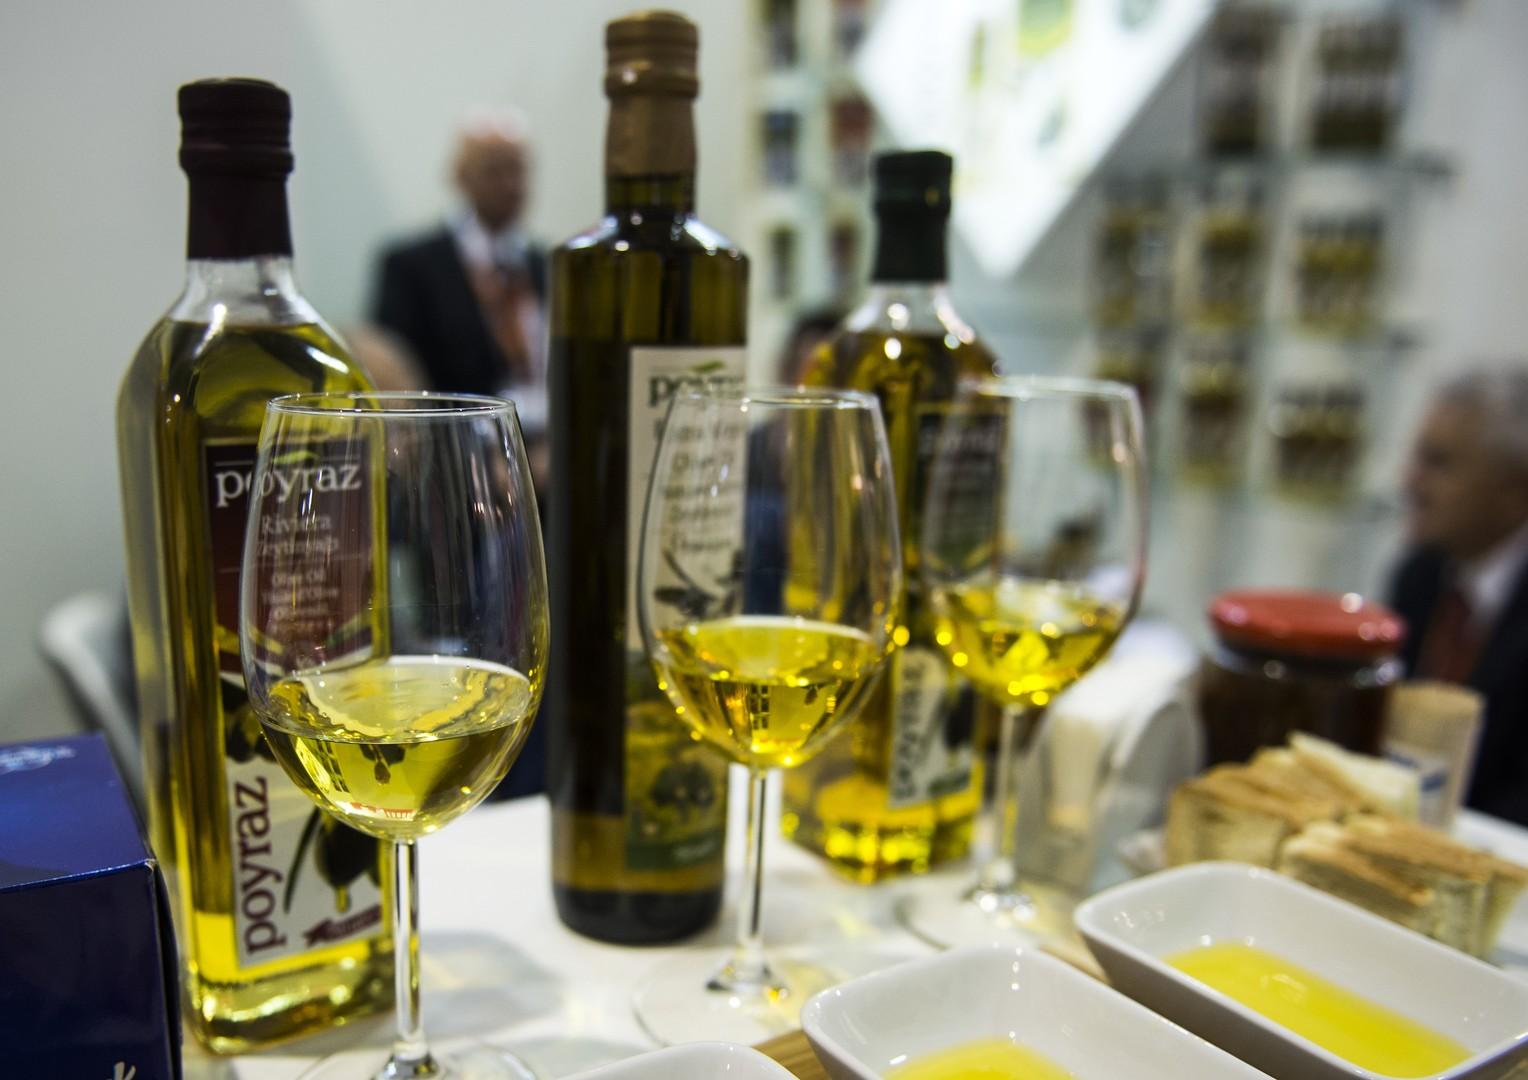 Липовое оливковое: в итальянском масле становится всё меньше Италии